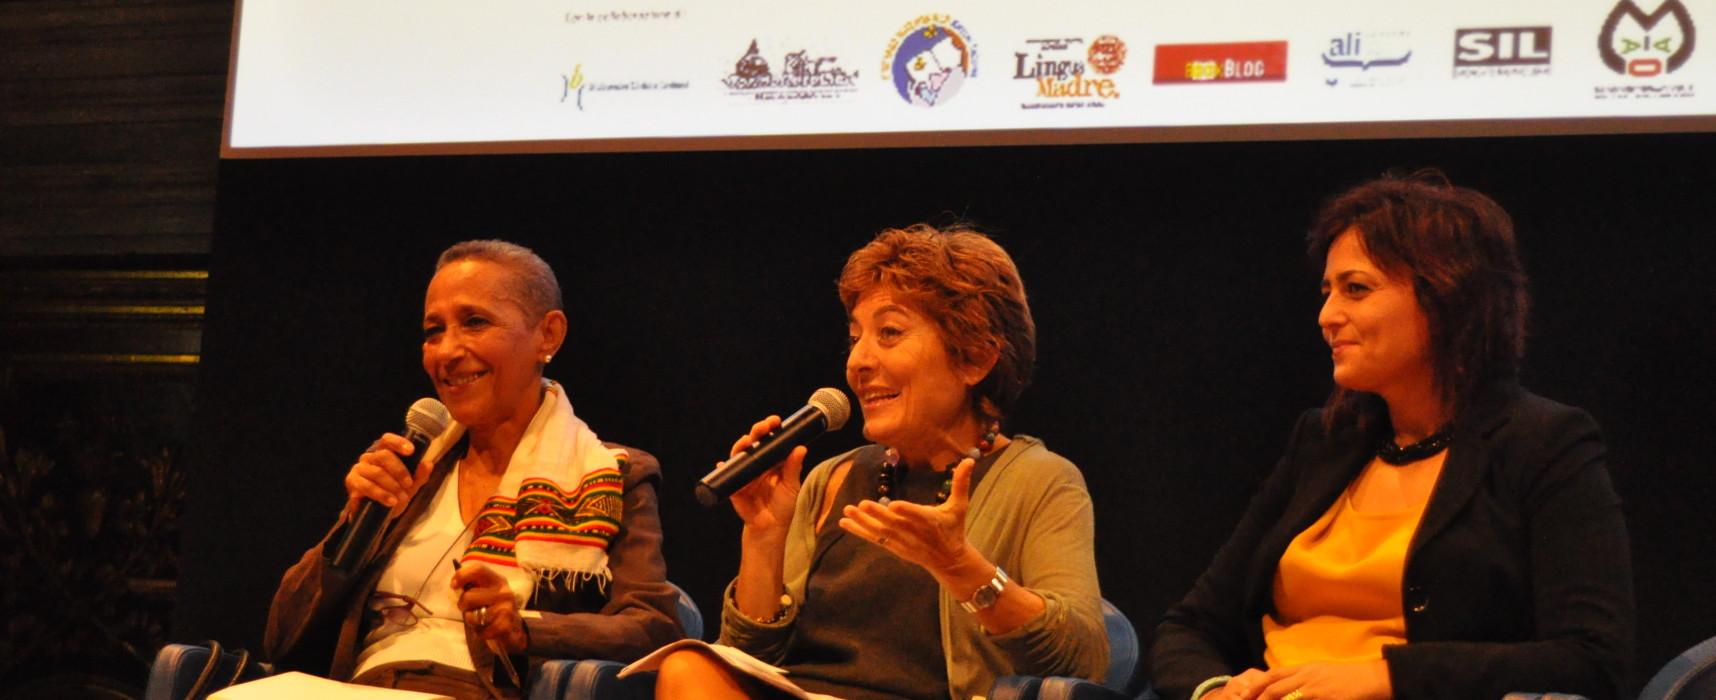 Concorso letterario Lingua Madre; Incontro con Amazona Hajdaraj Bashaj e Maria Abbebu Viarengo